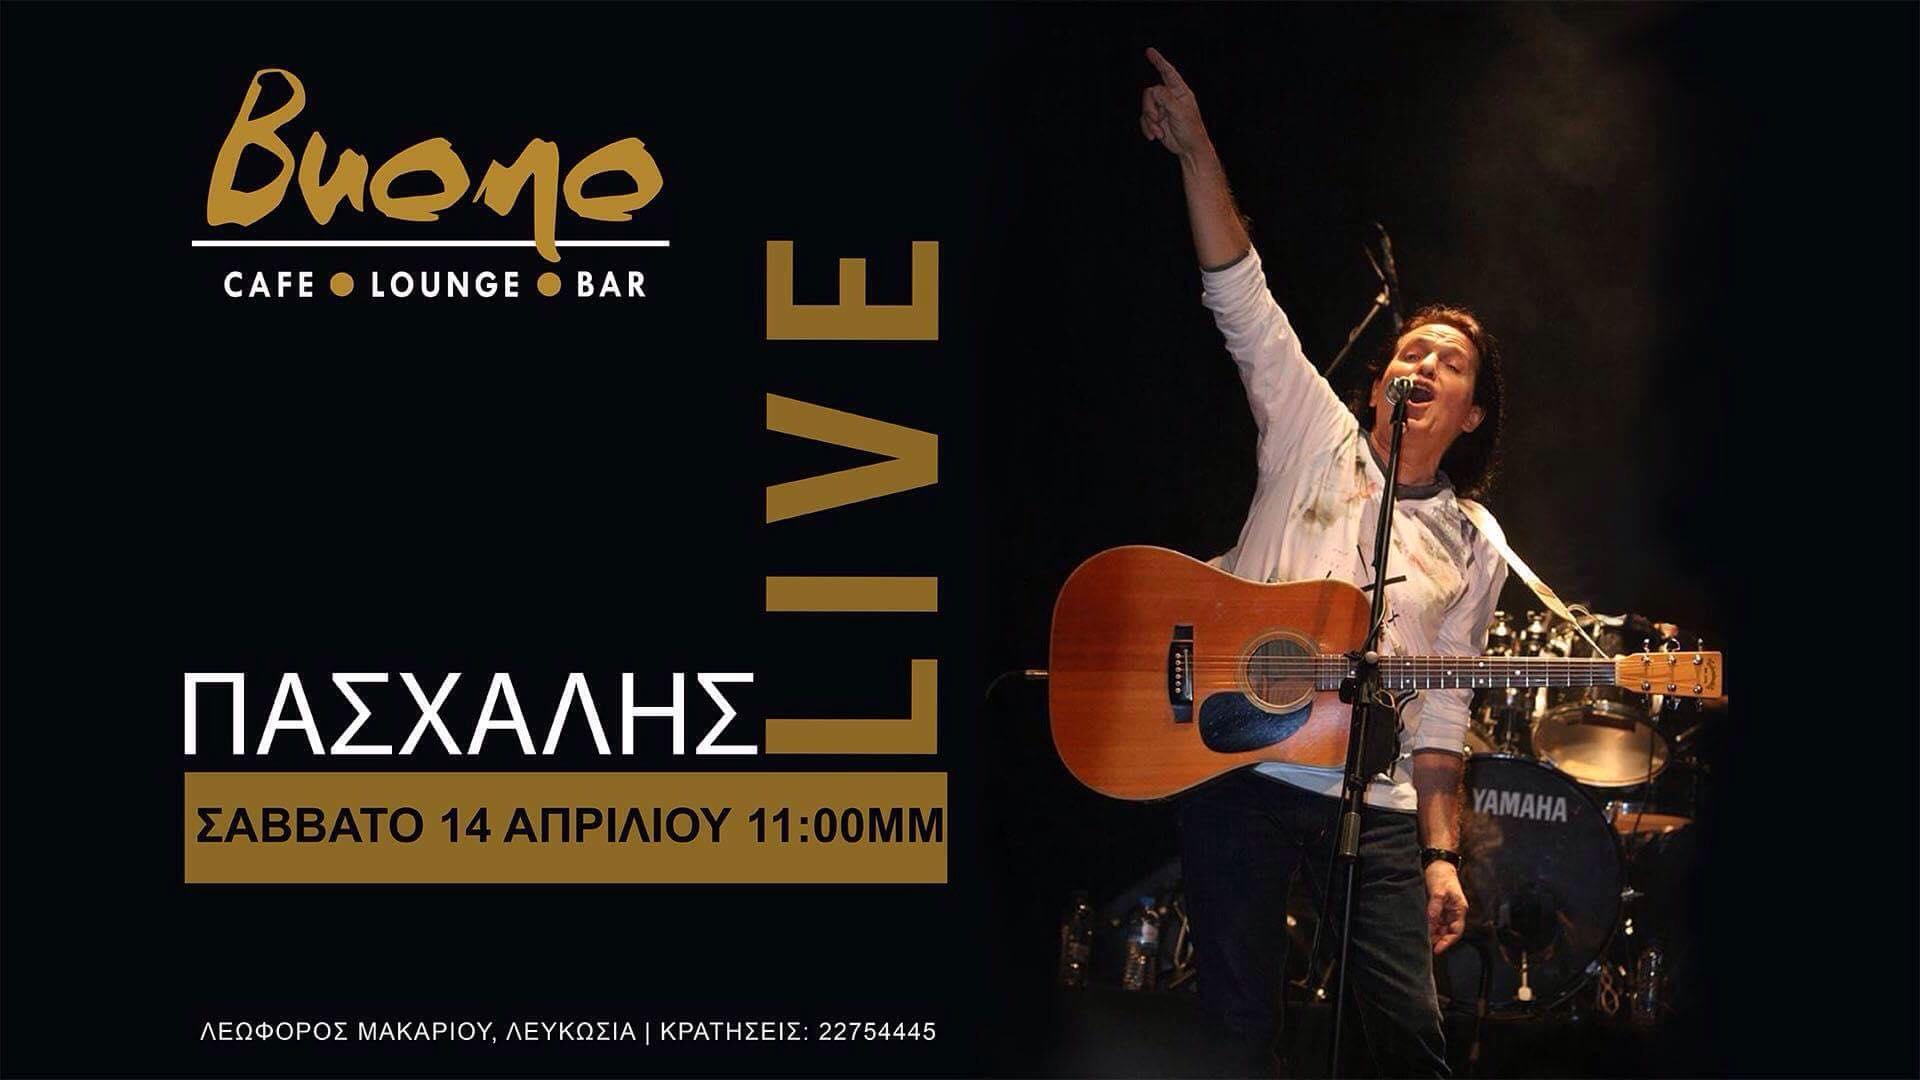 Ο Πασχάλης έρχεται στη Λευκωσία για ένα Live με αγαπημένα τραγούδια